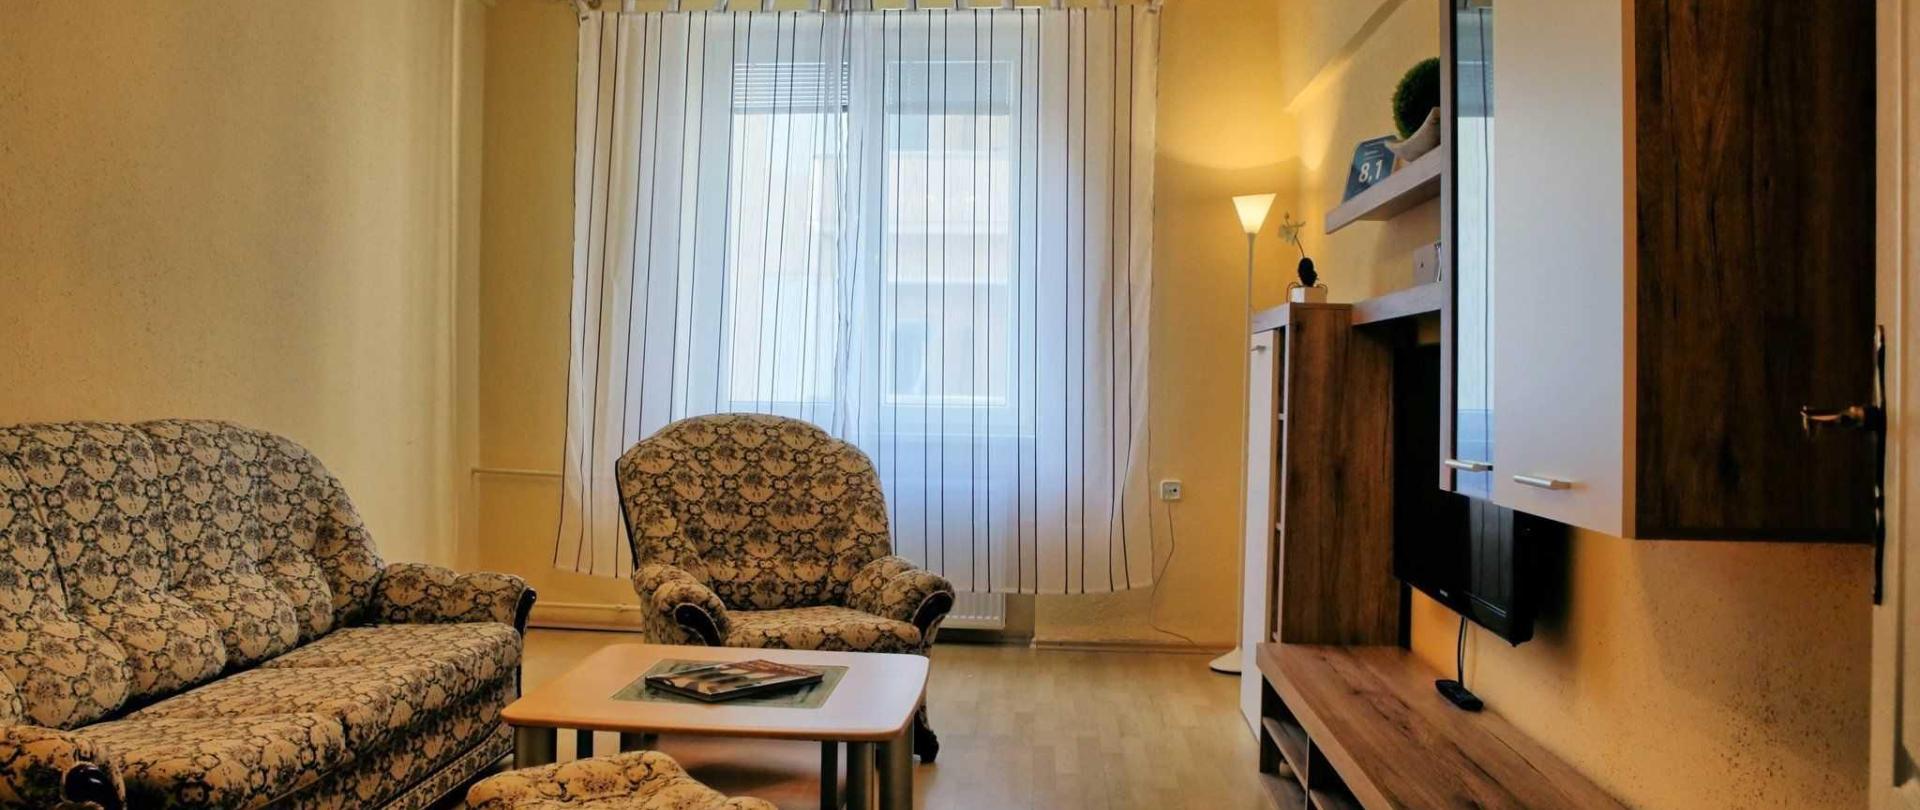 apartm-n-ert-v-ostrov-05.jpg